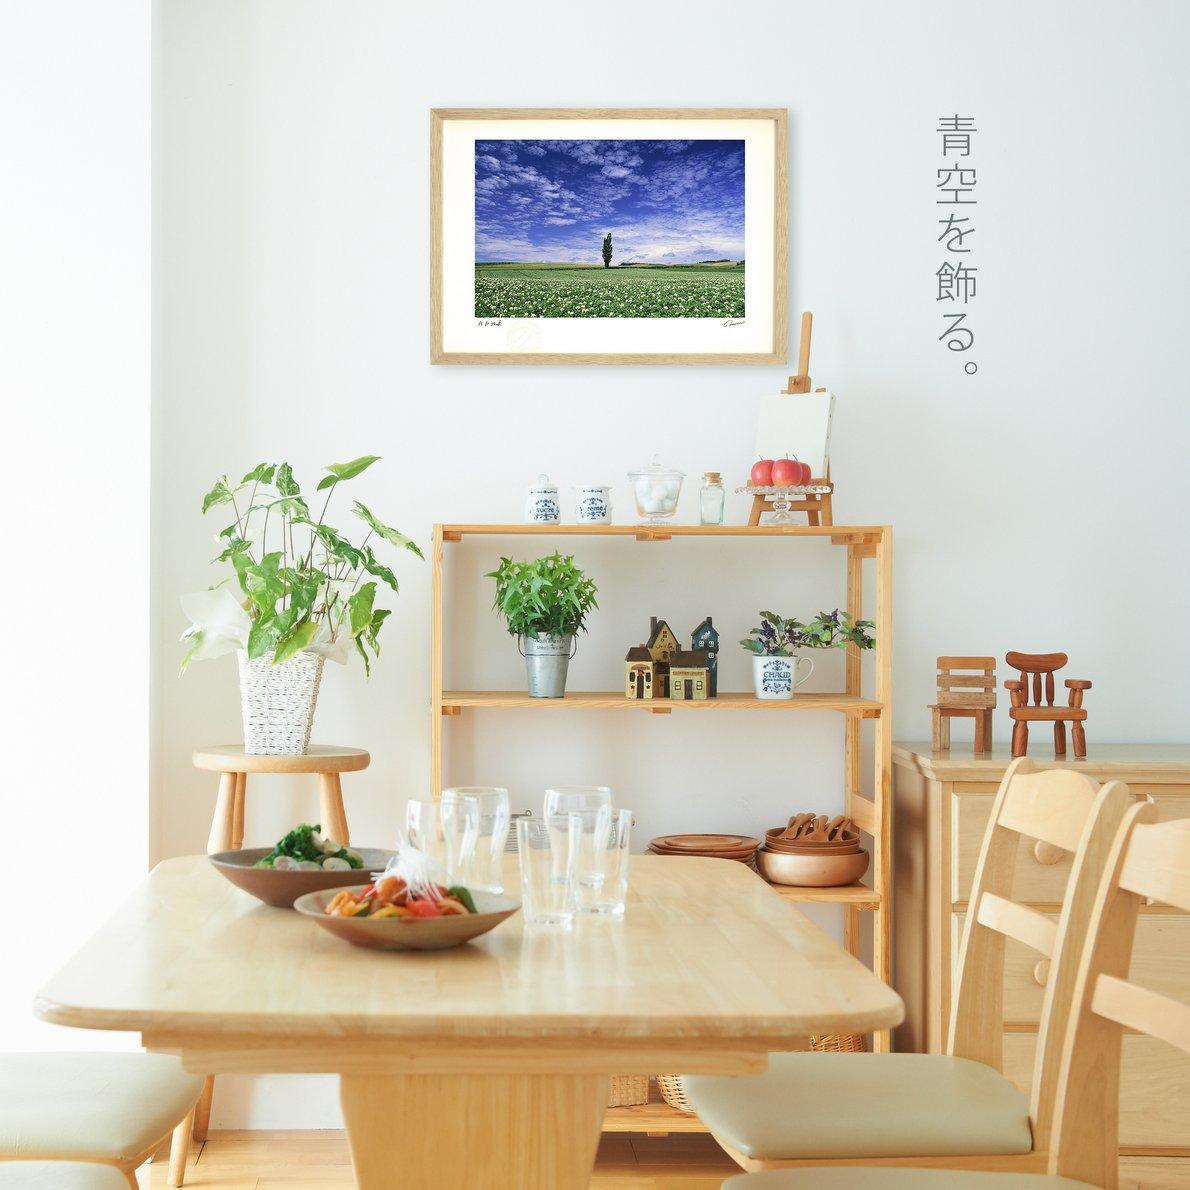 《アートフォト》コスモス2/美瑛町〔富良野・高橋真澄〕(レンタル対象)